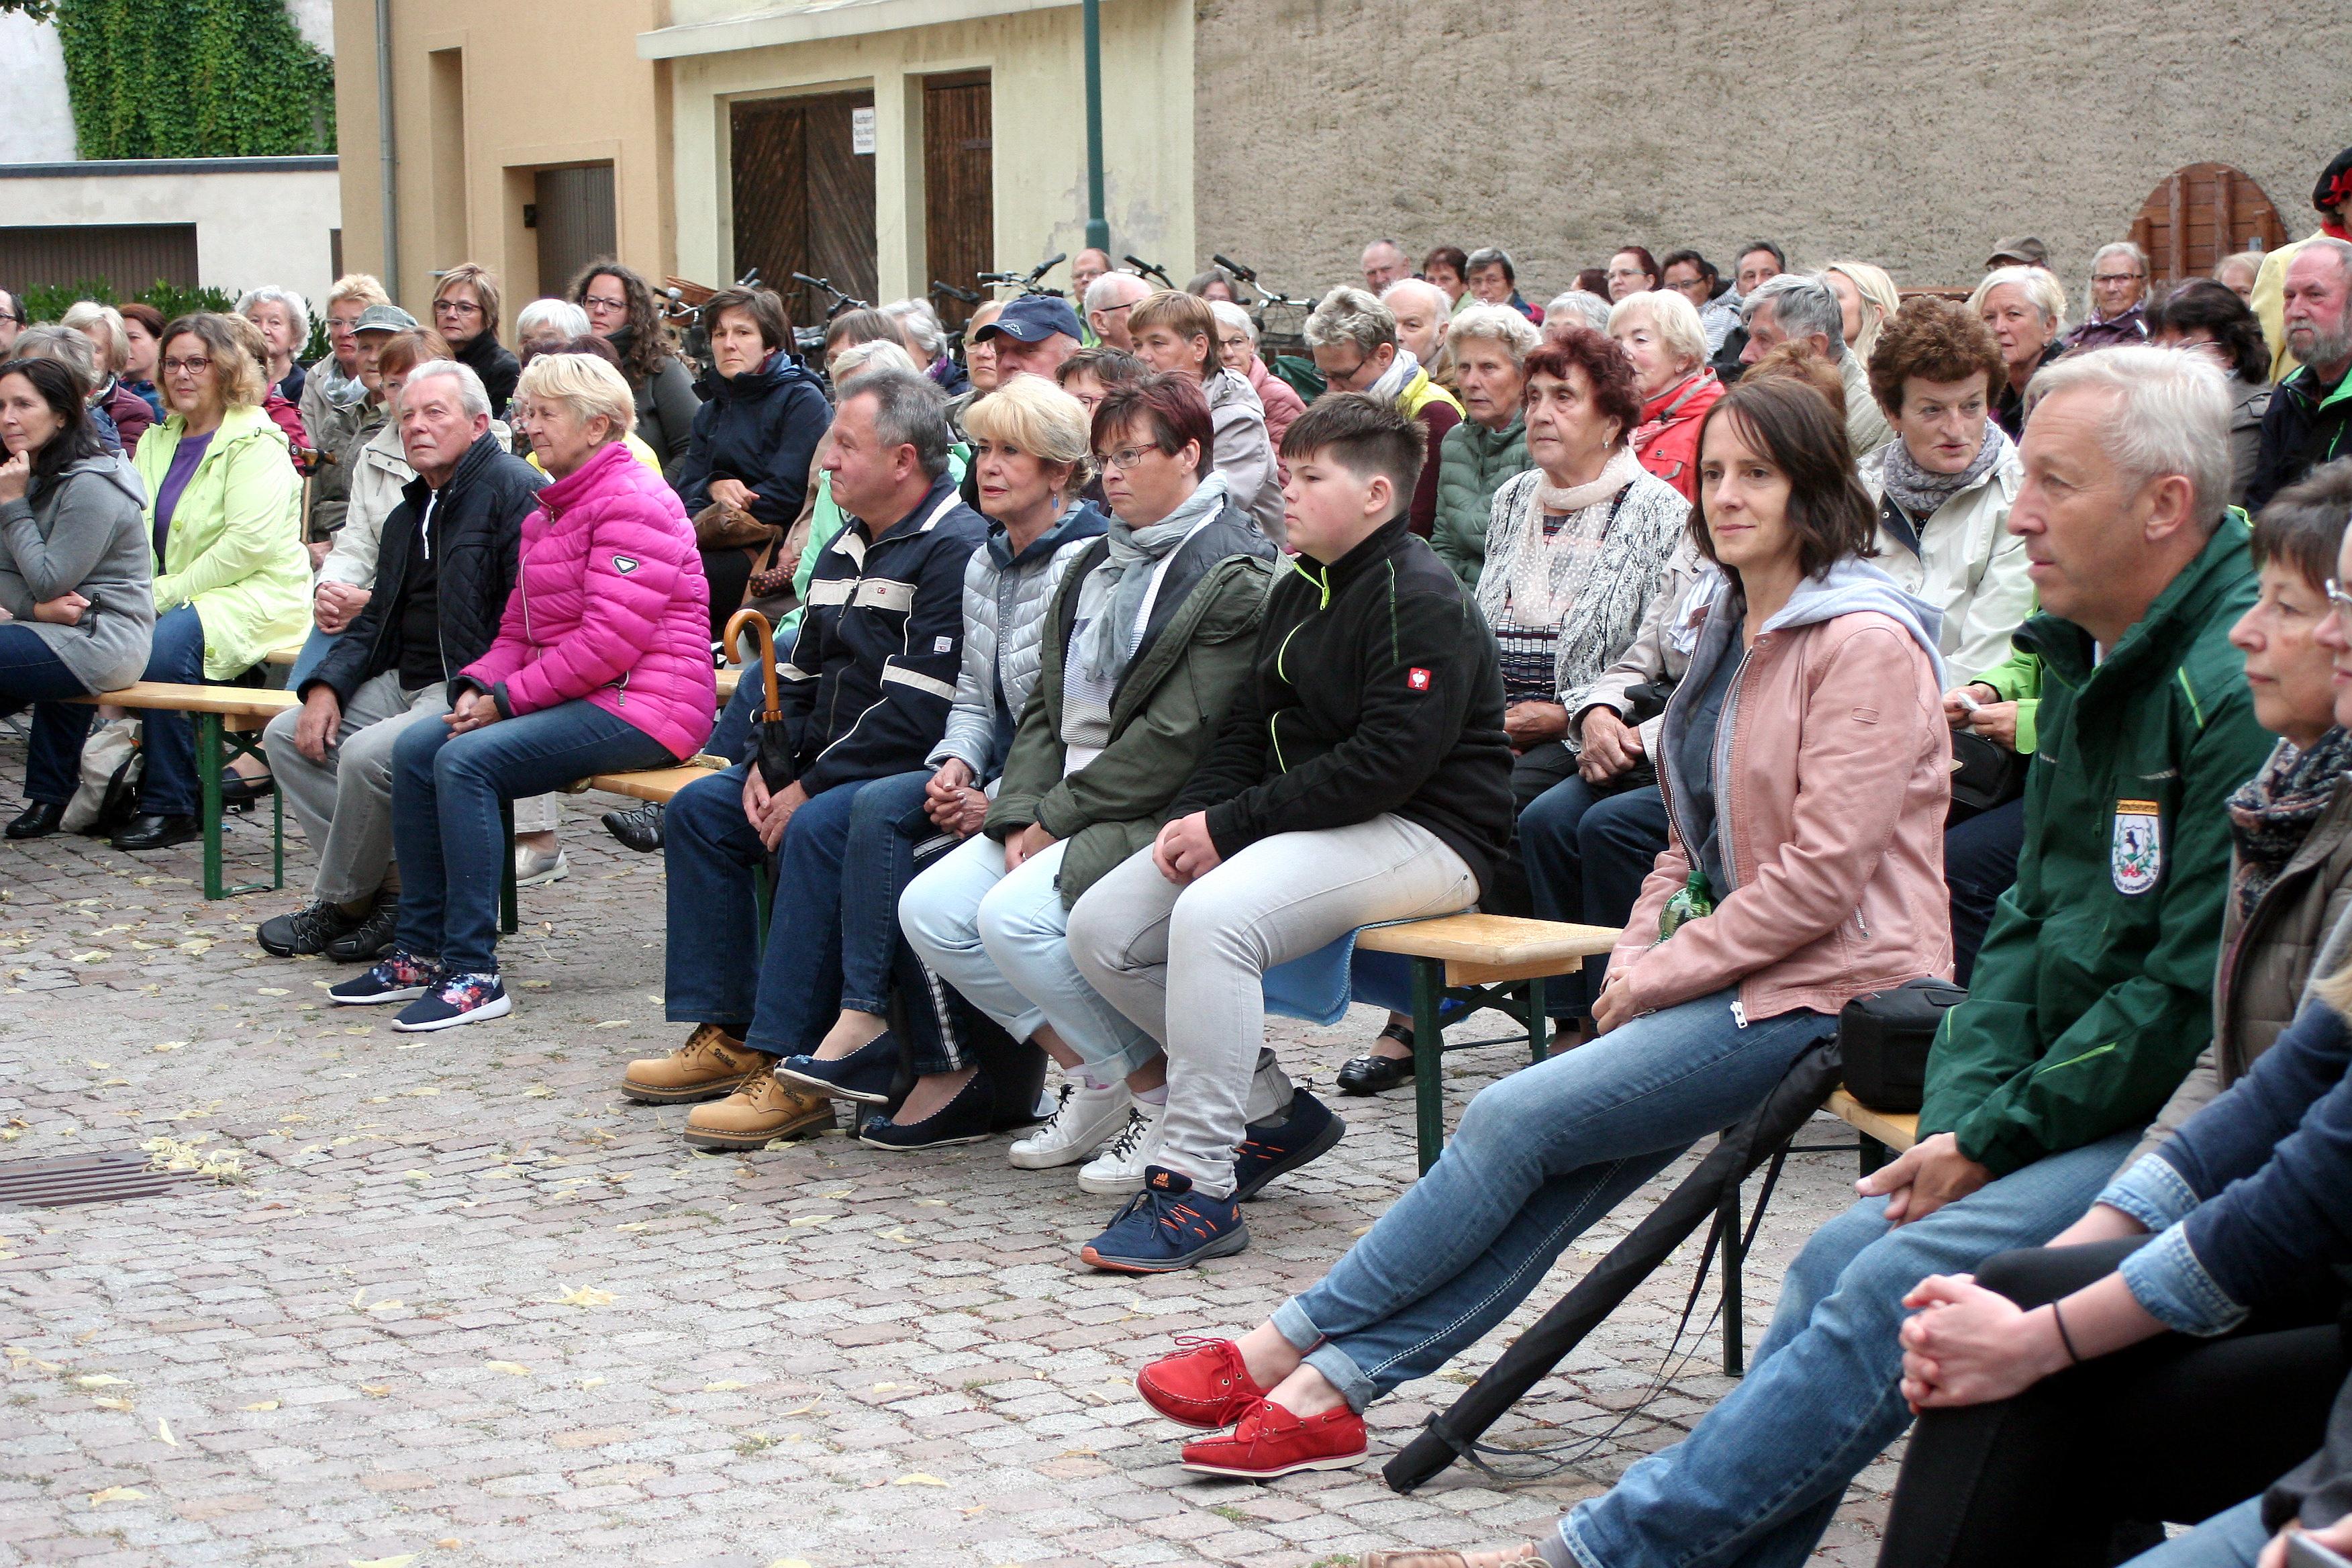 Das Publikum auf dem Kirchplatz wurde toll unterhalten. FOTO: D. MAYER